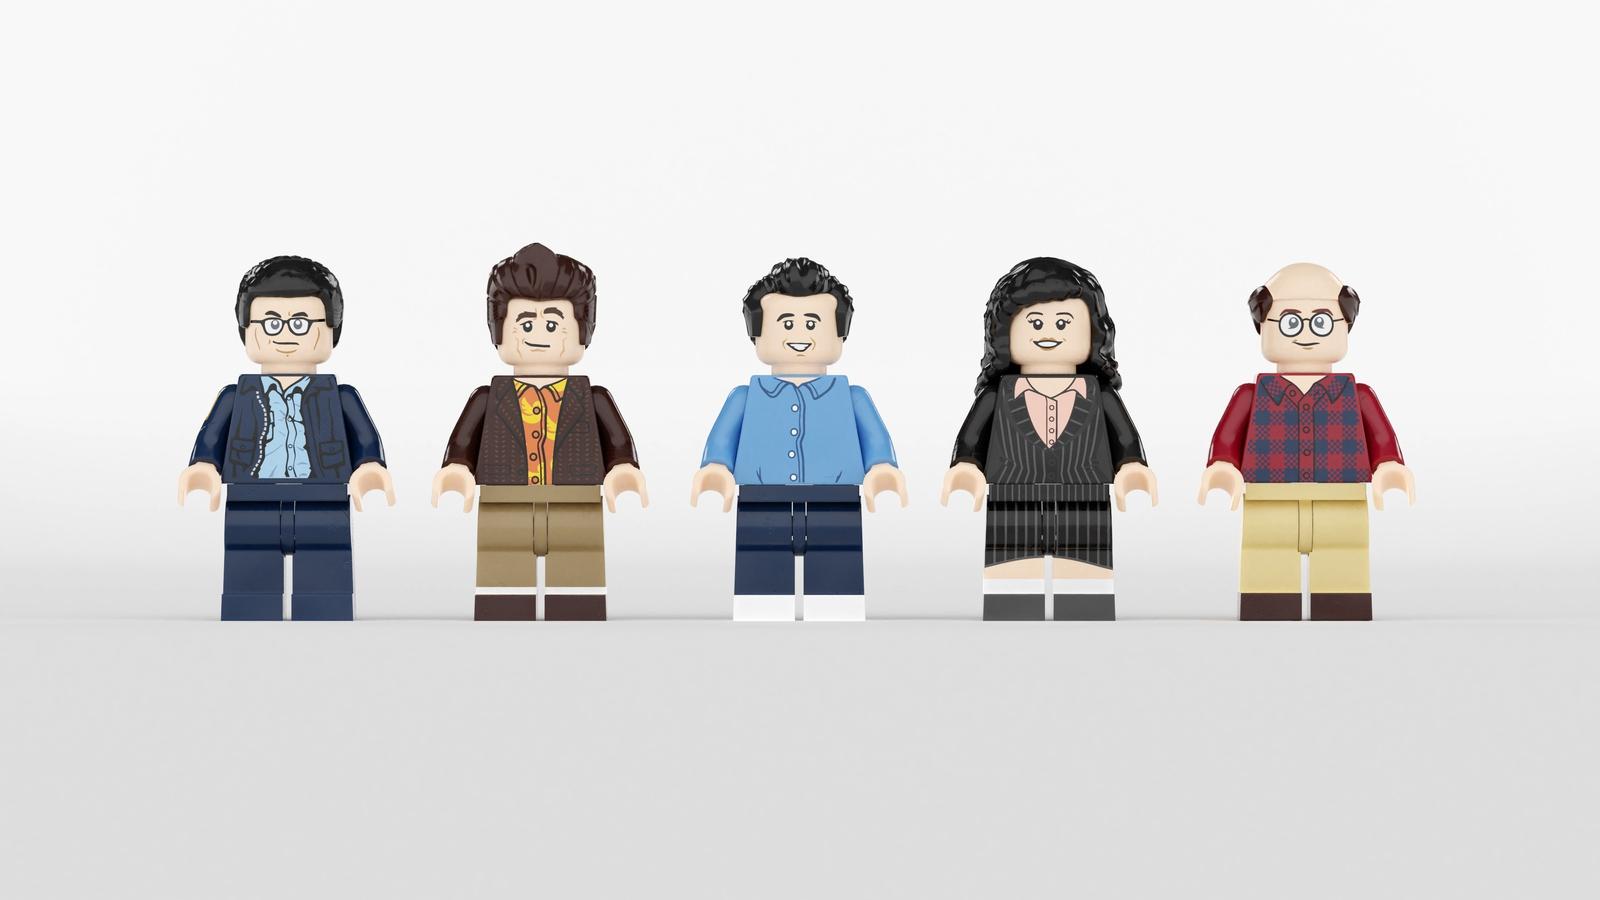 lego-ideas-seinfeld-30th-anniversary-minifiguren-brent-waller zusammengebaut.com